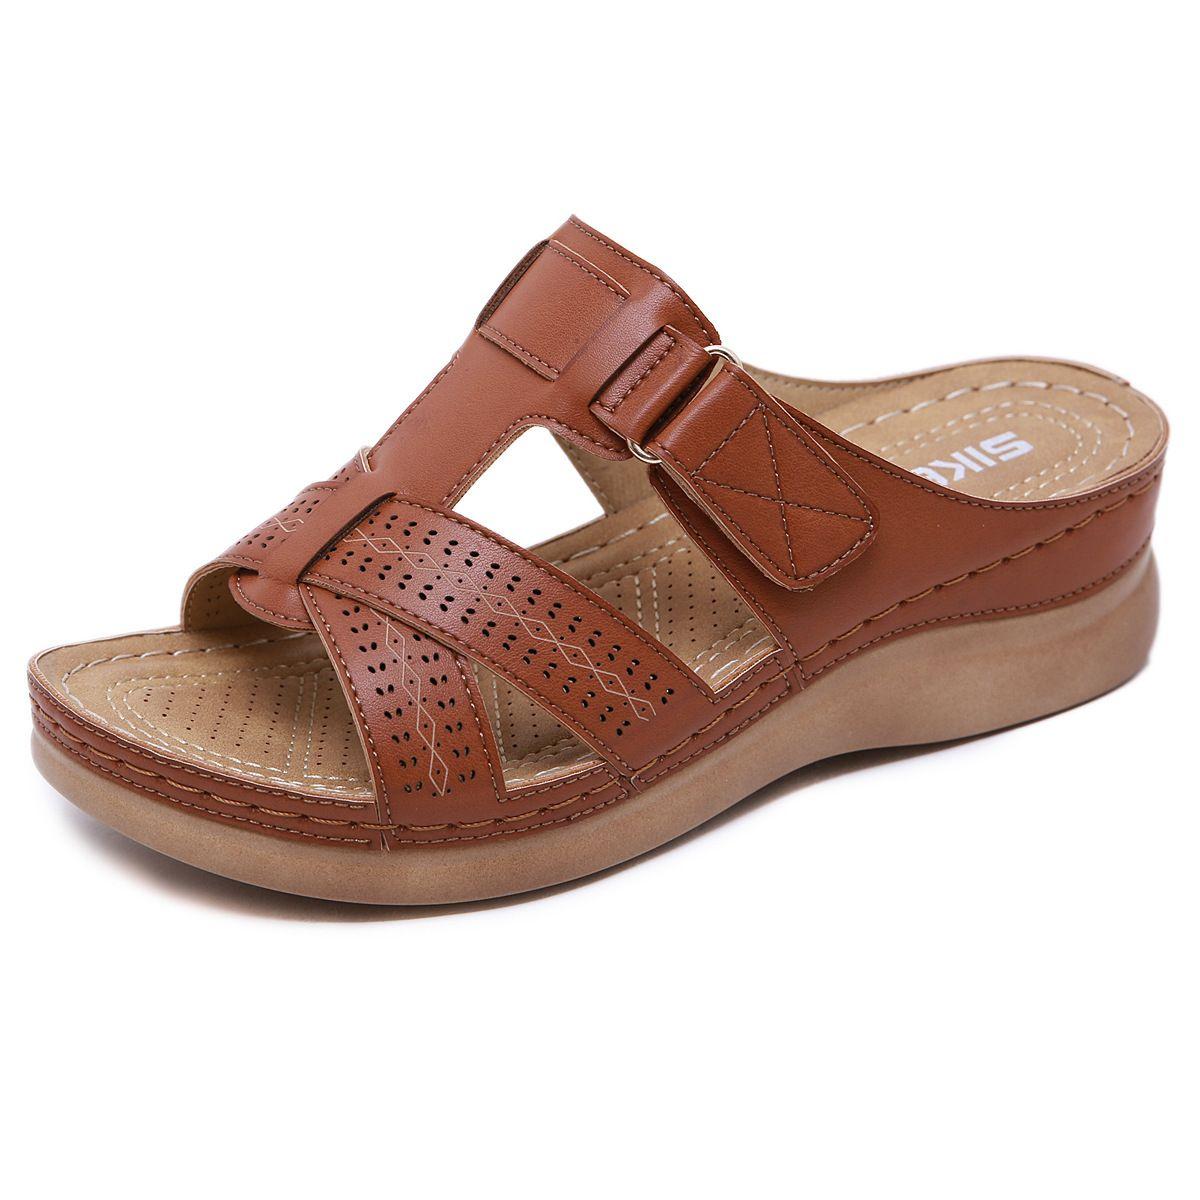 Las mujeres de gran tamaño de la vendimia de la cuña del dedo del pie cómodo zapatillas abierto nuevos zapatos de verano de costura antideslizante Luz sandalias